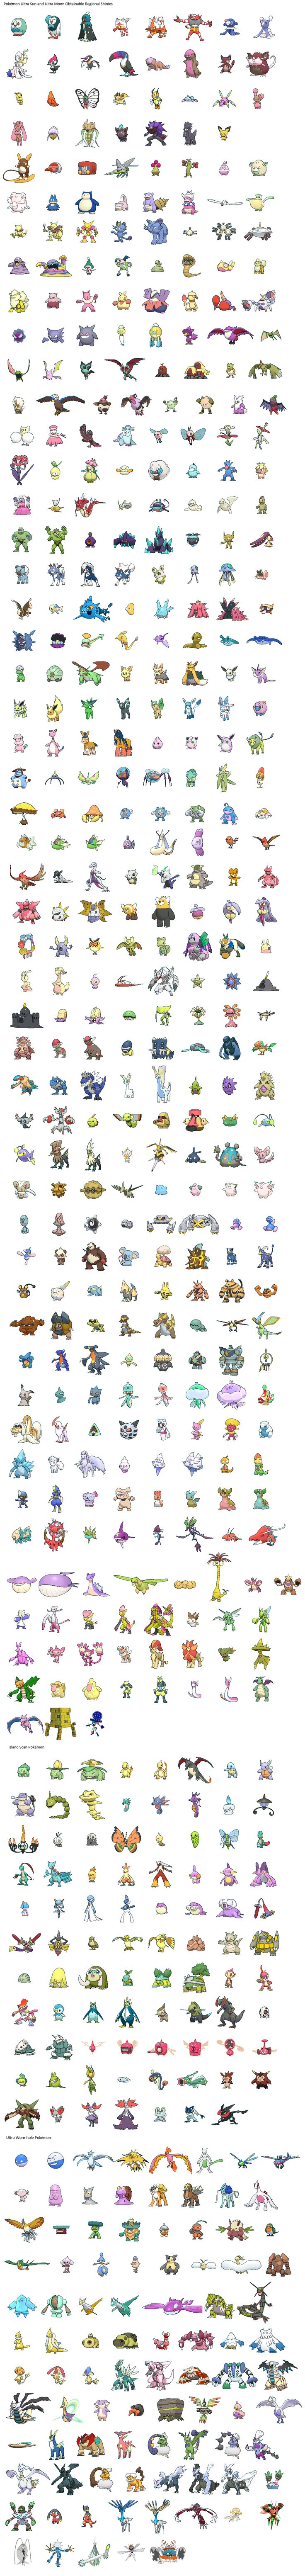 [SPOILER] Pokémon Ultra Sun and Ultra Moon Obtainable Regional Shinies